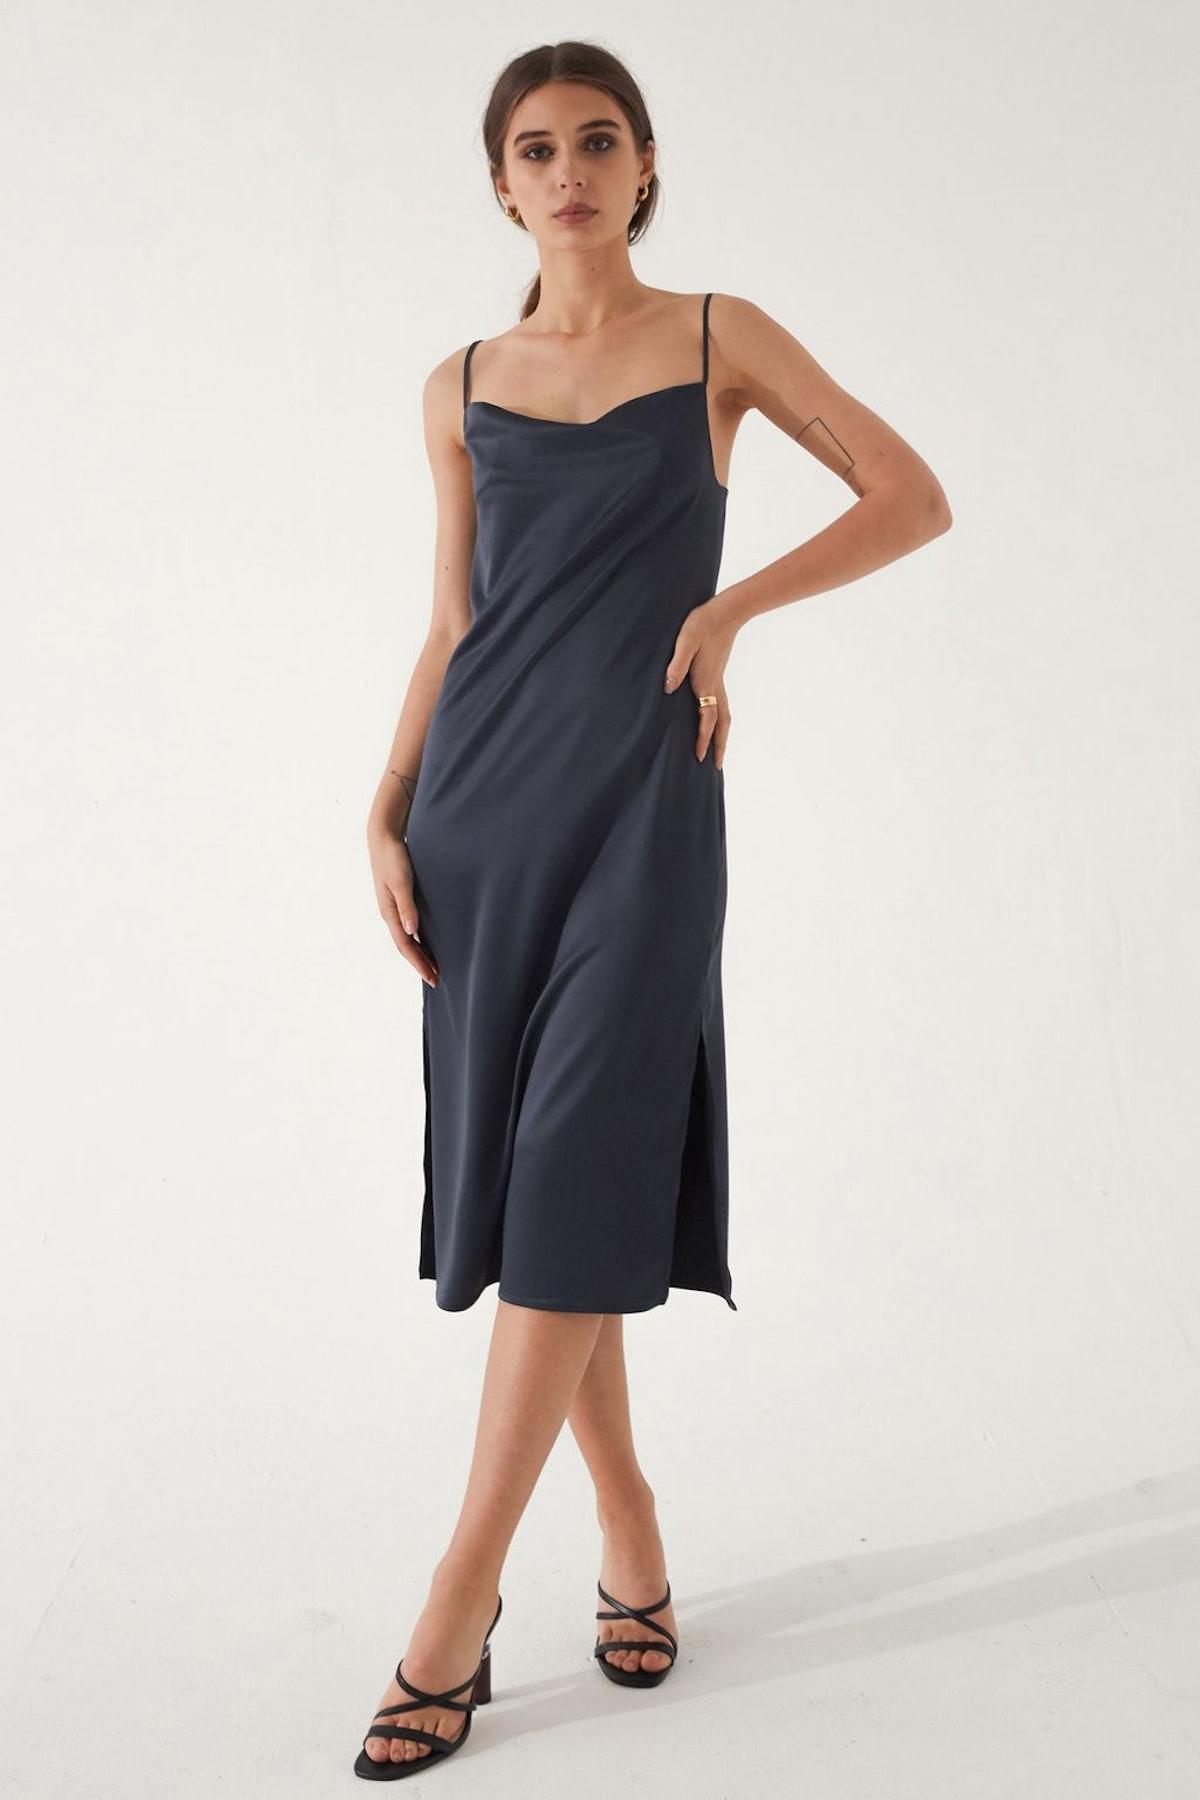 An Almina Concept's black silk slip dress.